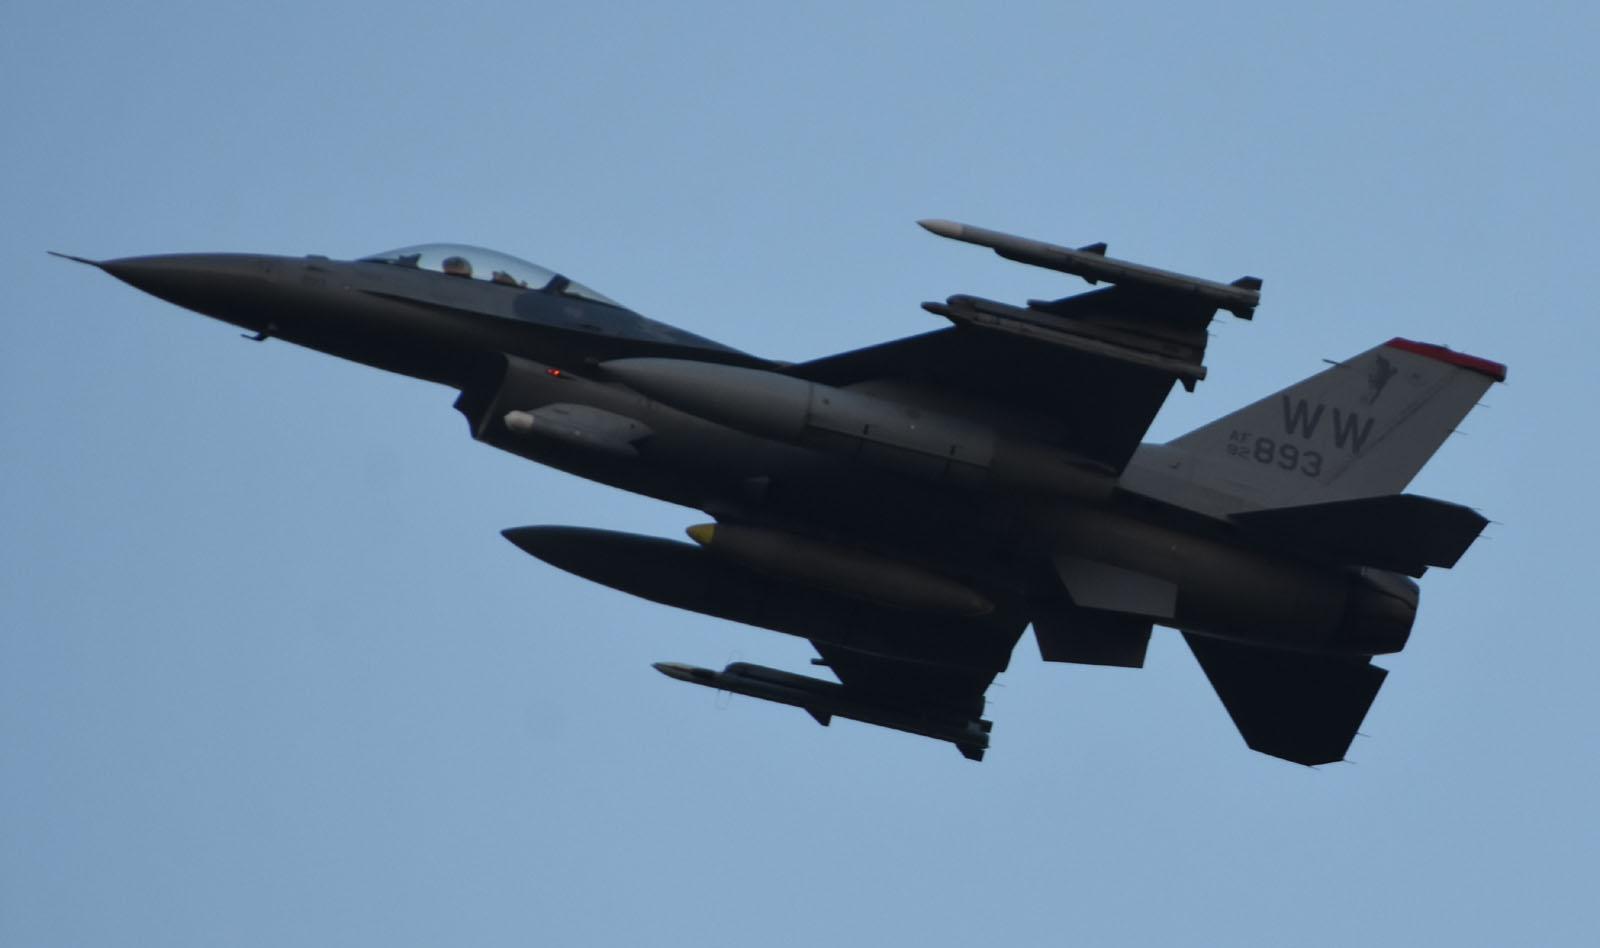 F16cm170930g491